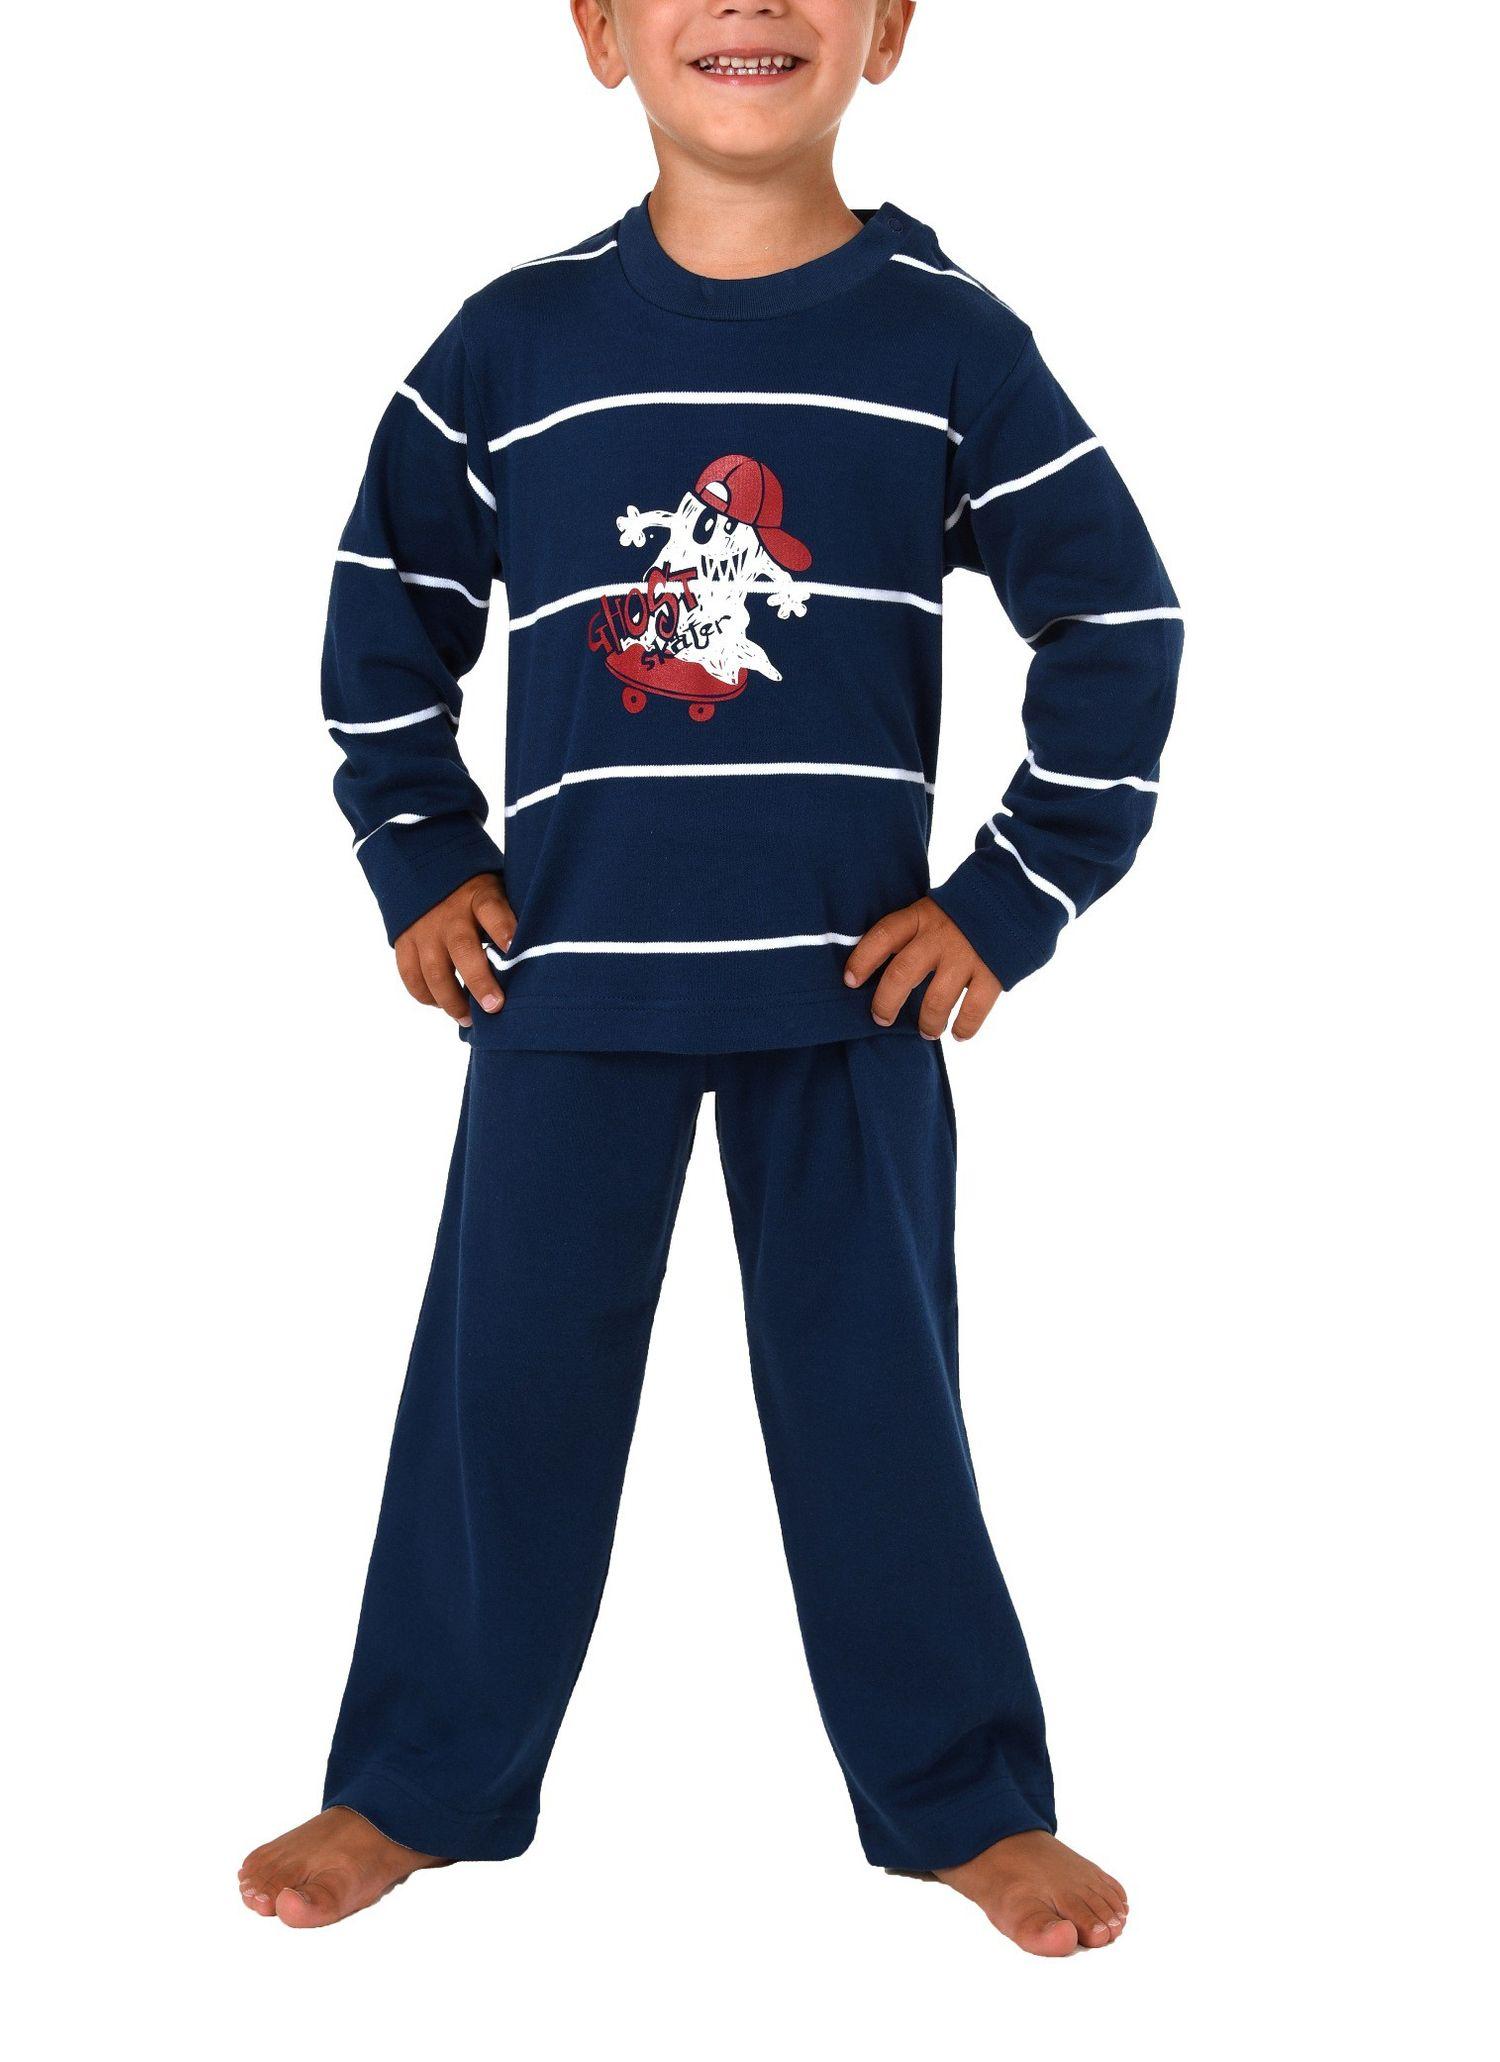 Jungen Kleinkinder Pyjama langarm  in warmer Kuschel-Interlock Qualität Gr. 86 – 110